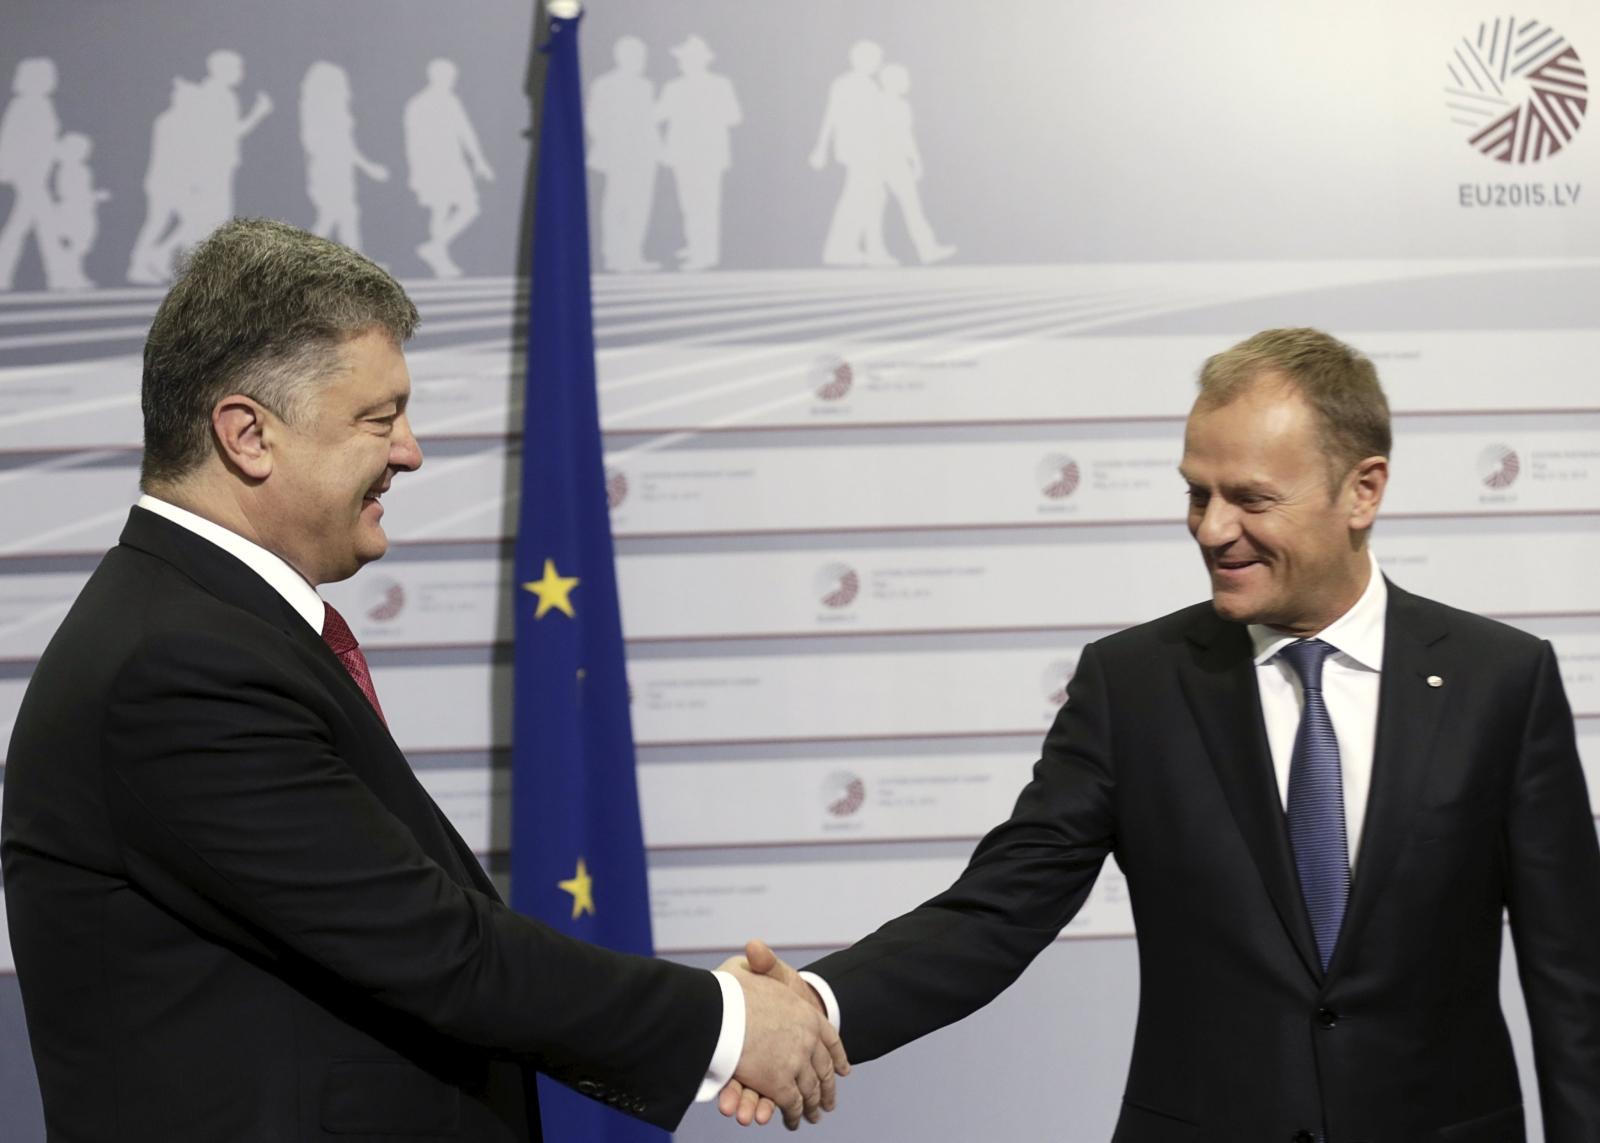 Ukraine EU assistance